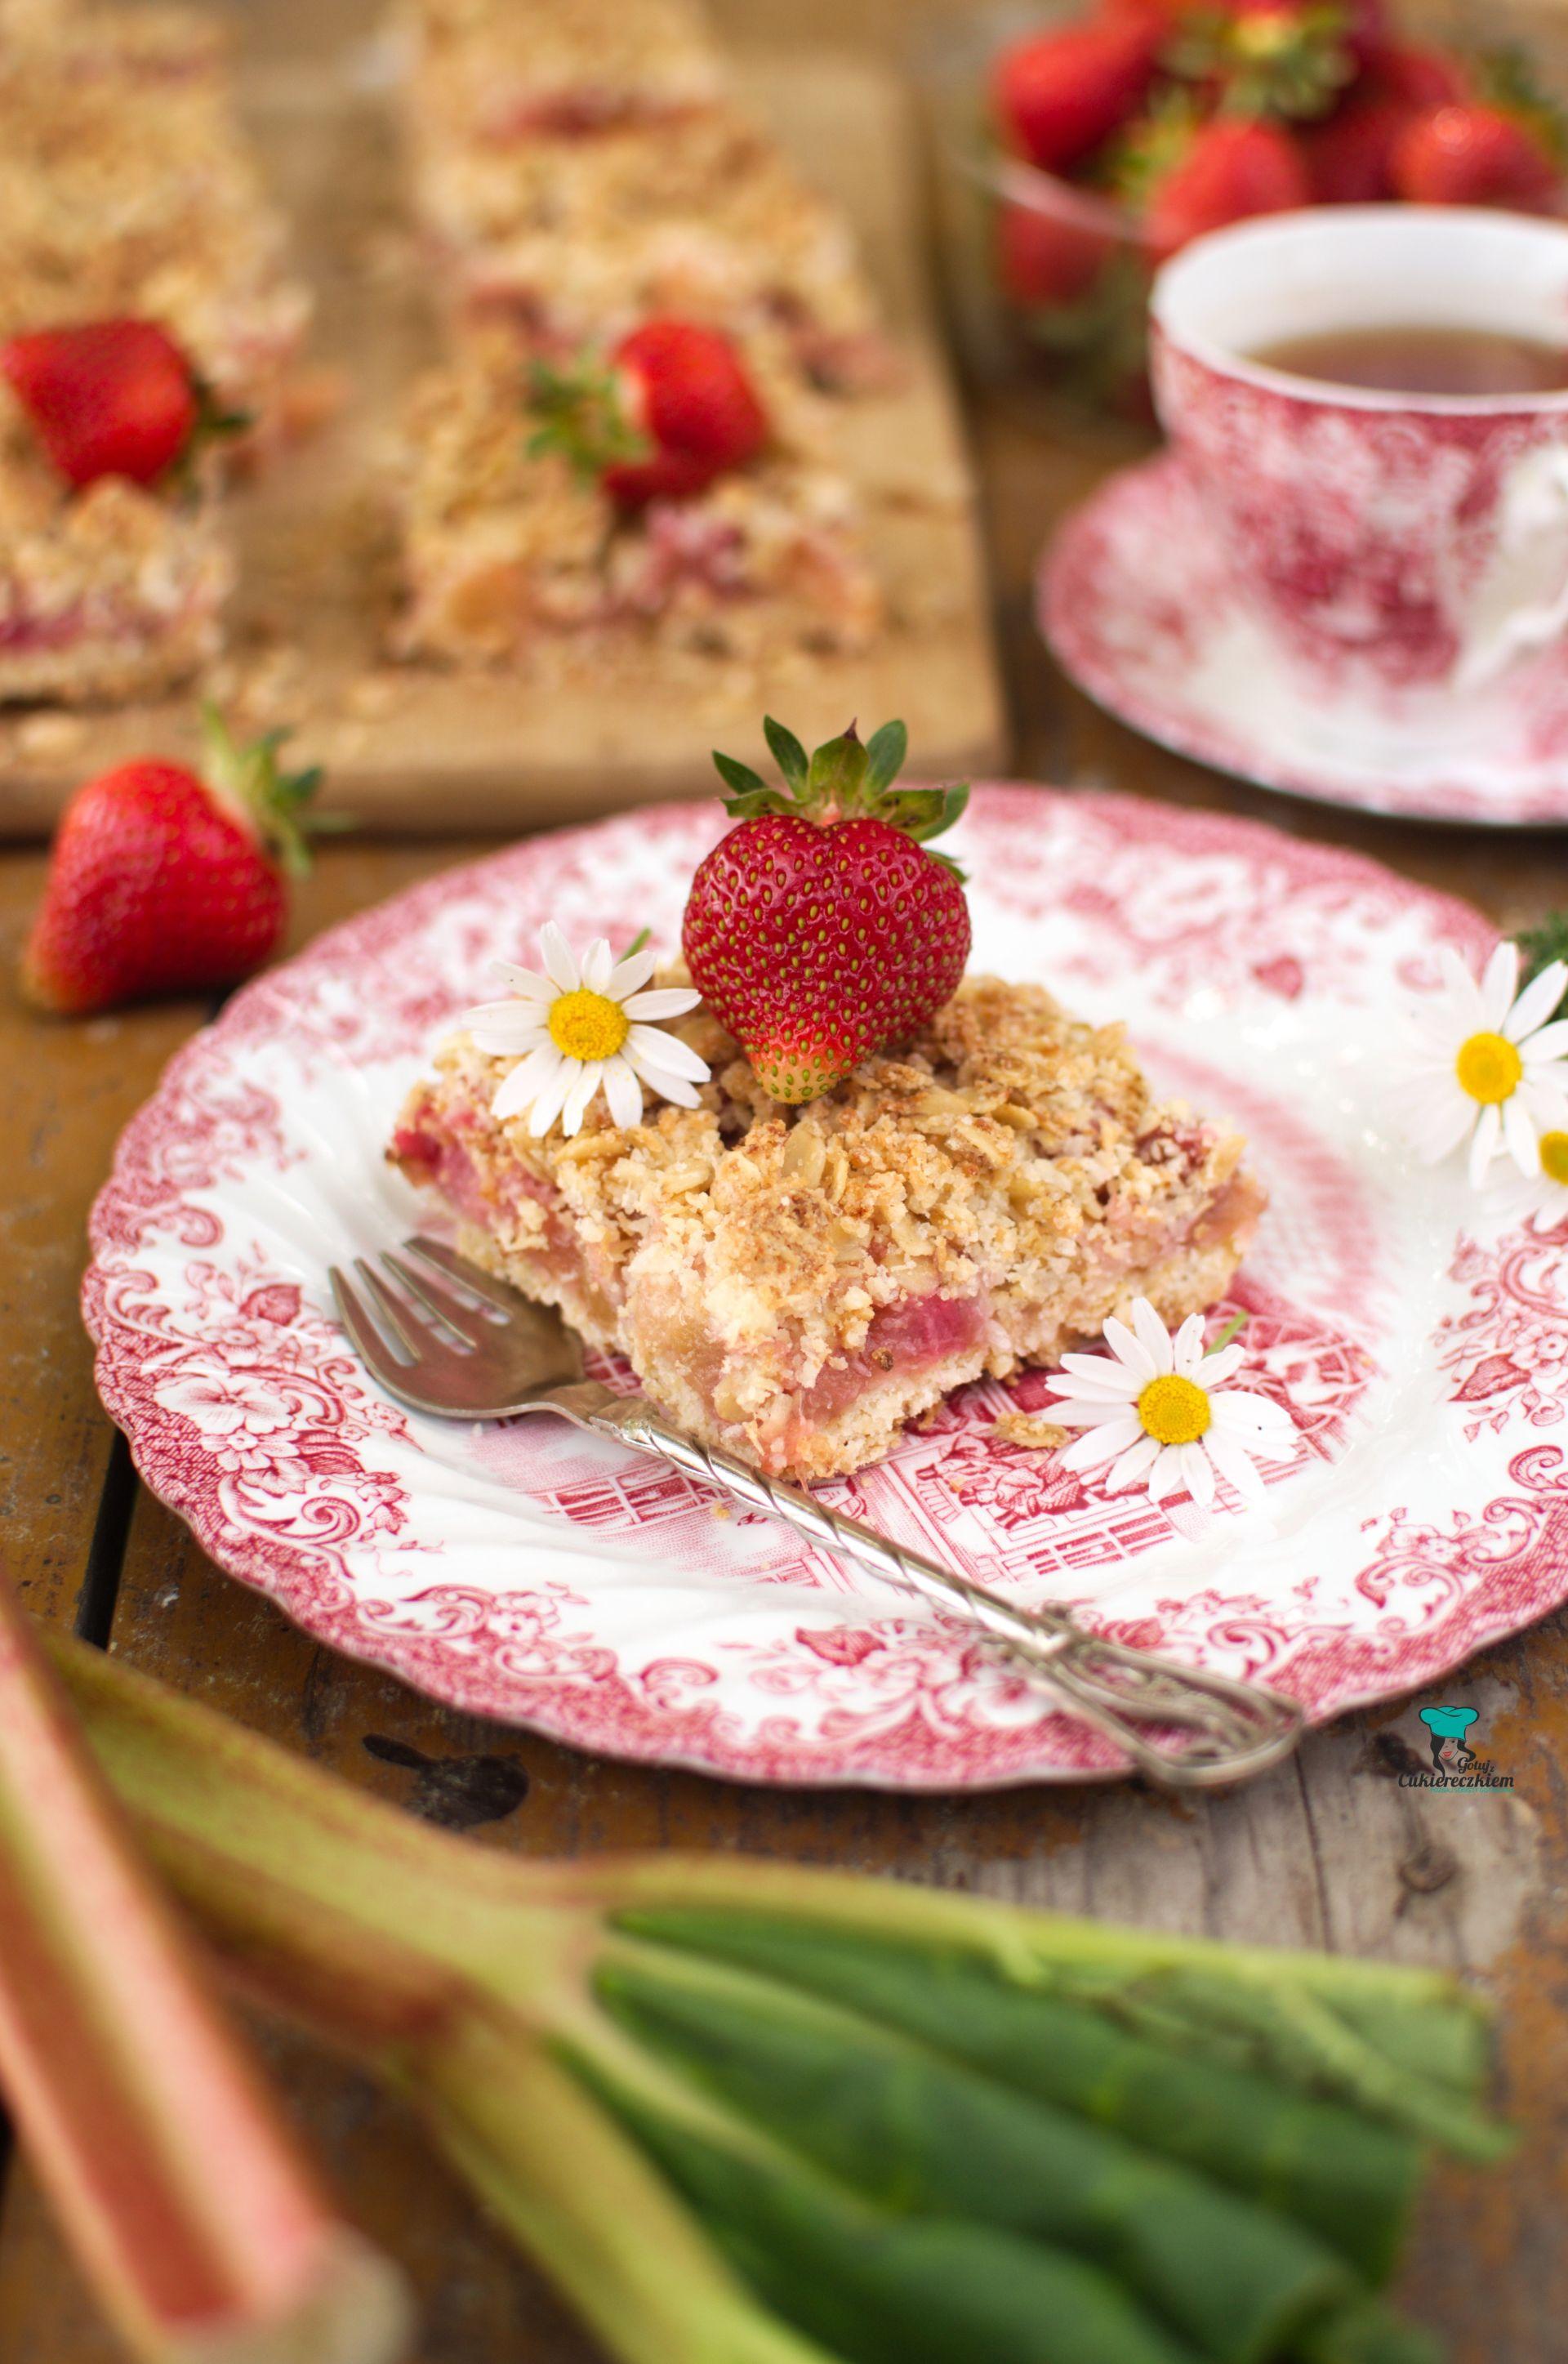 Owsiane ciasto pina colada z rabarbarem